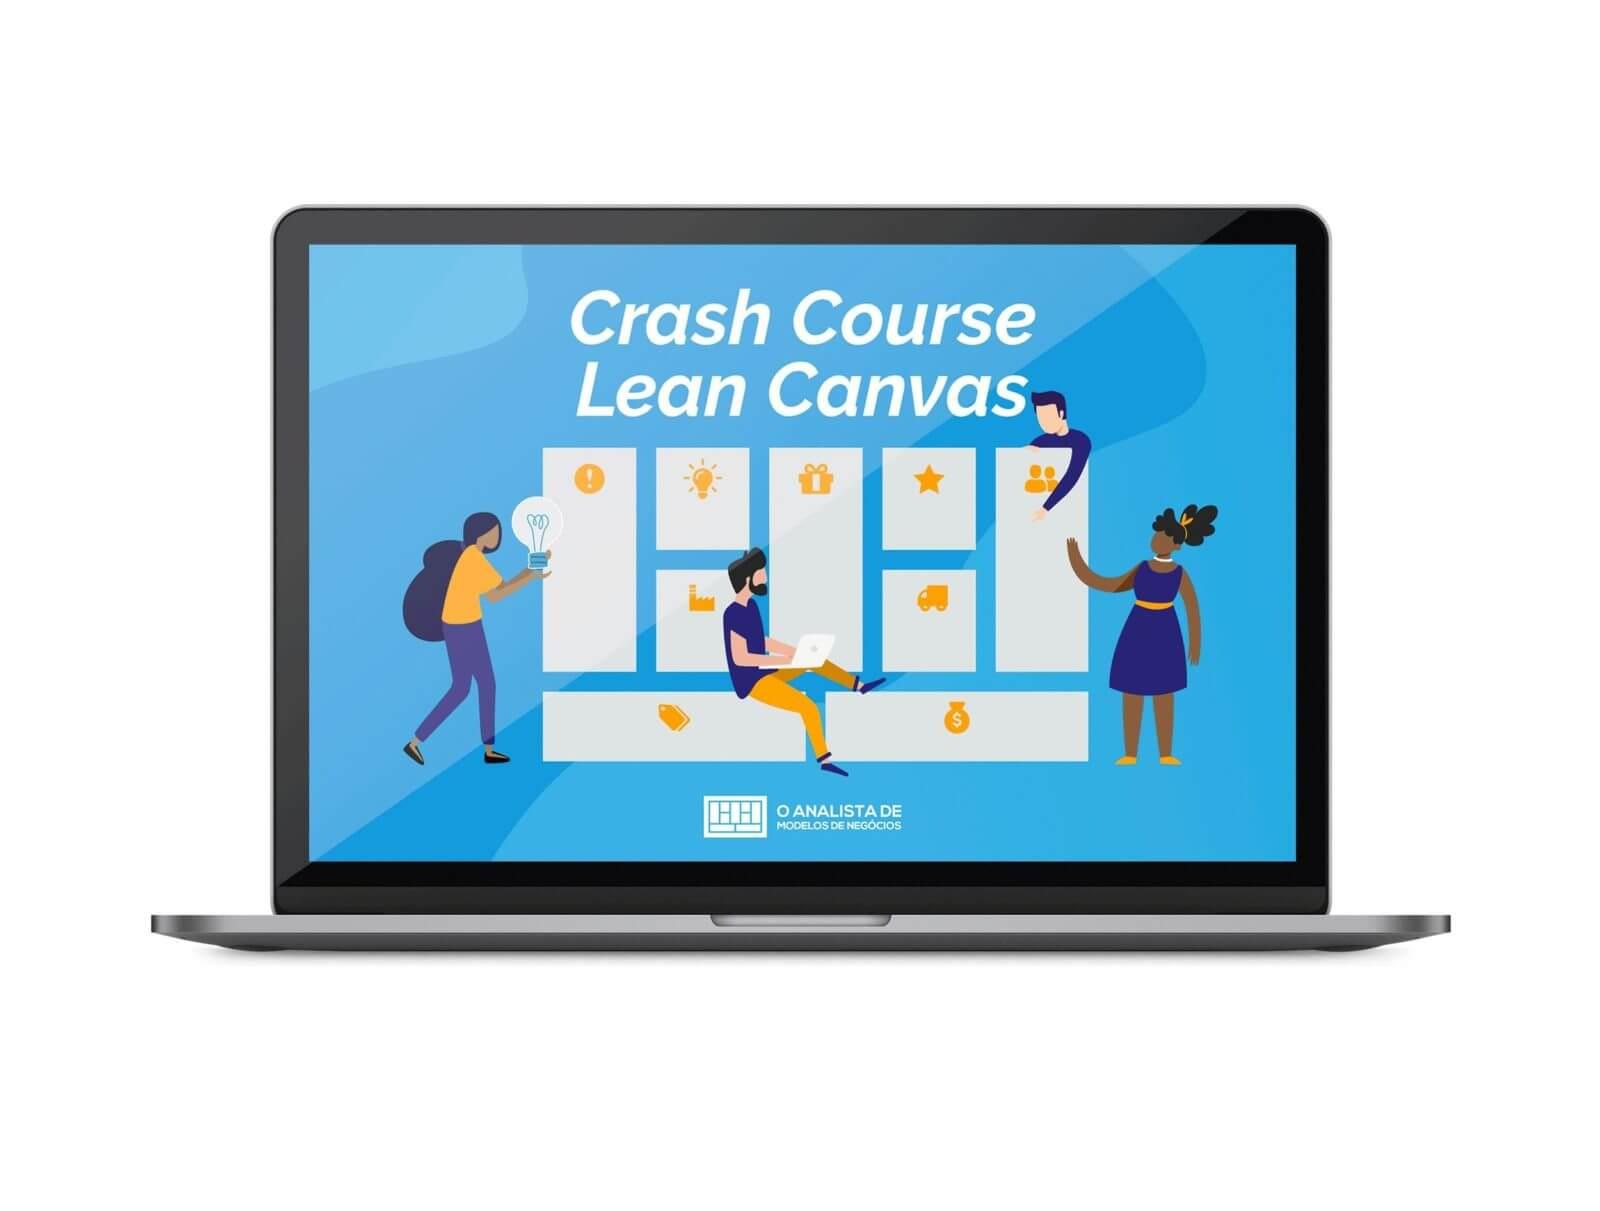 Crash Course sobre Lean Canvas